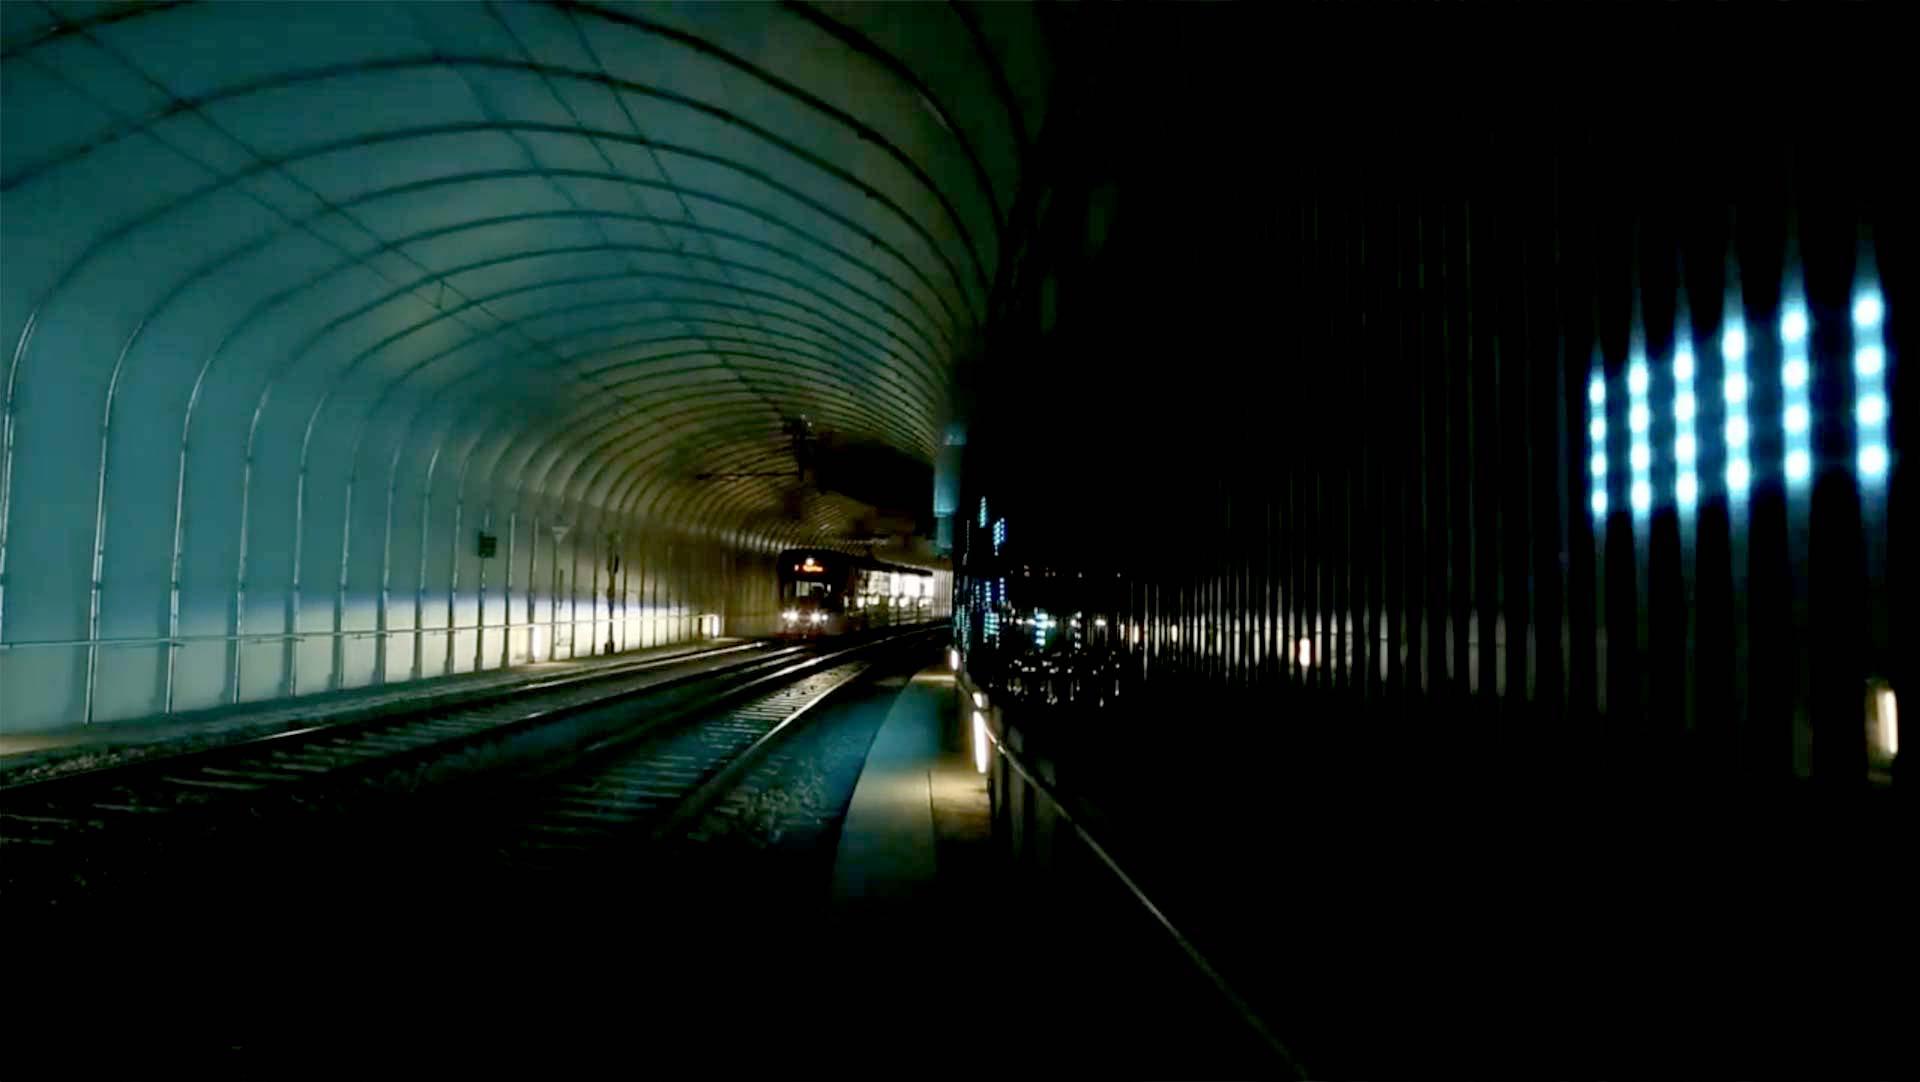 Bergen Light Rail 1